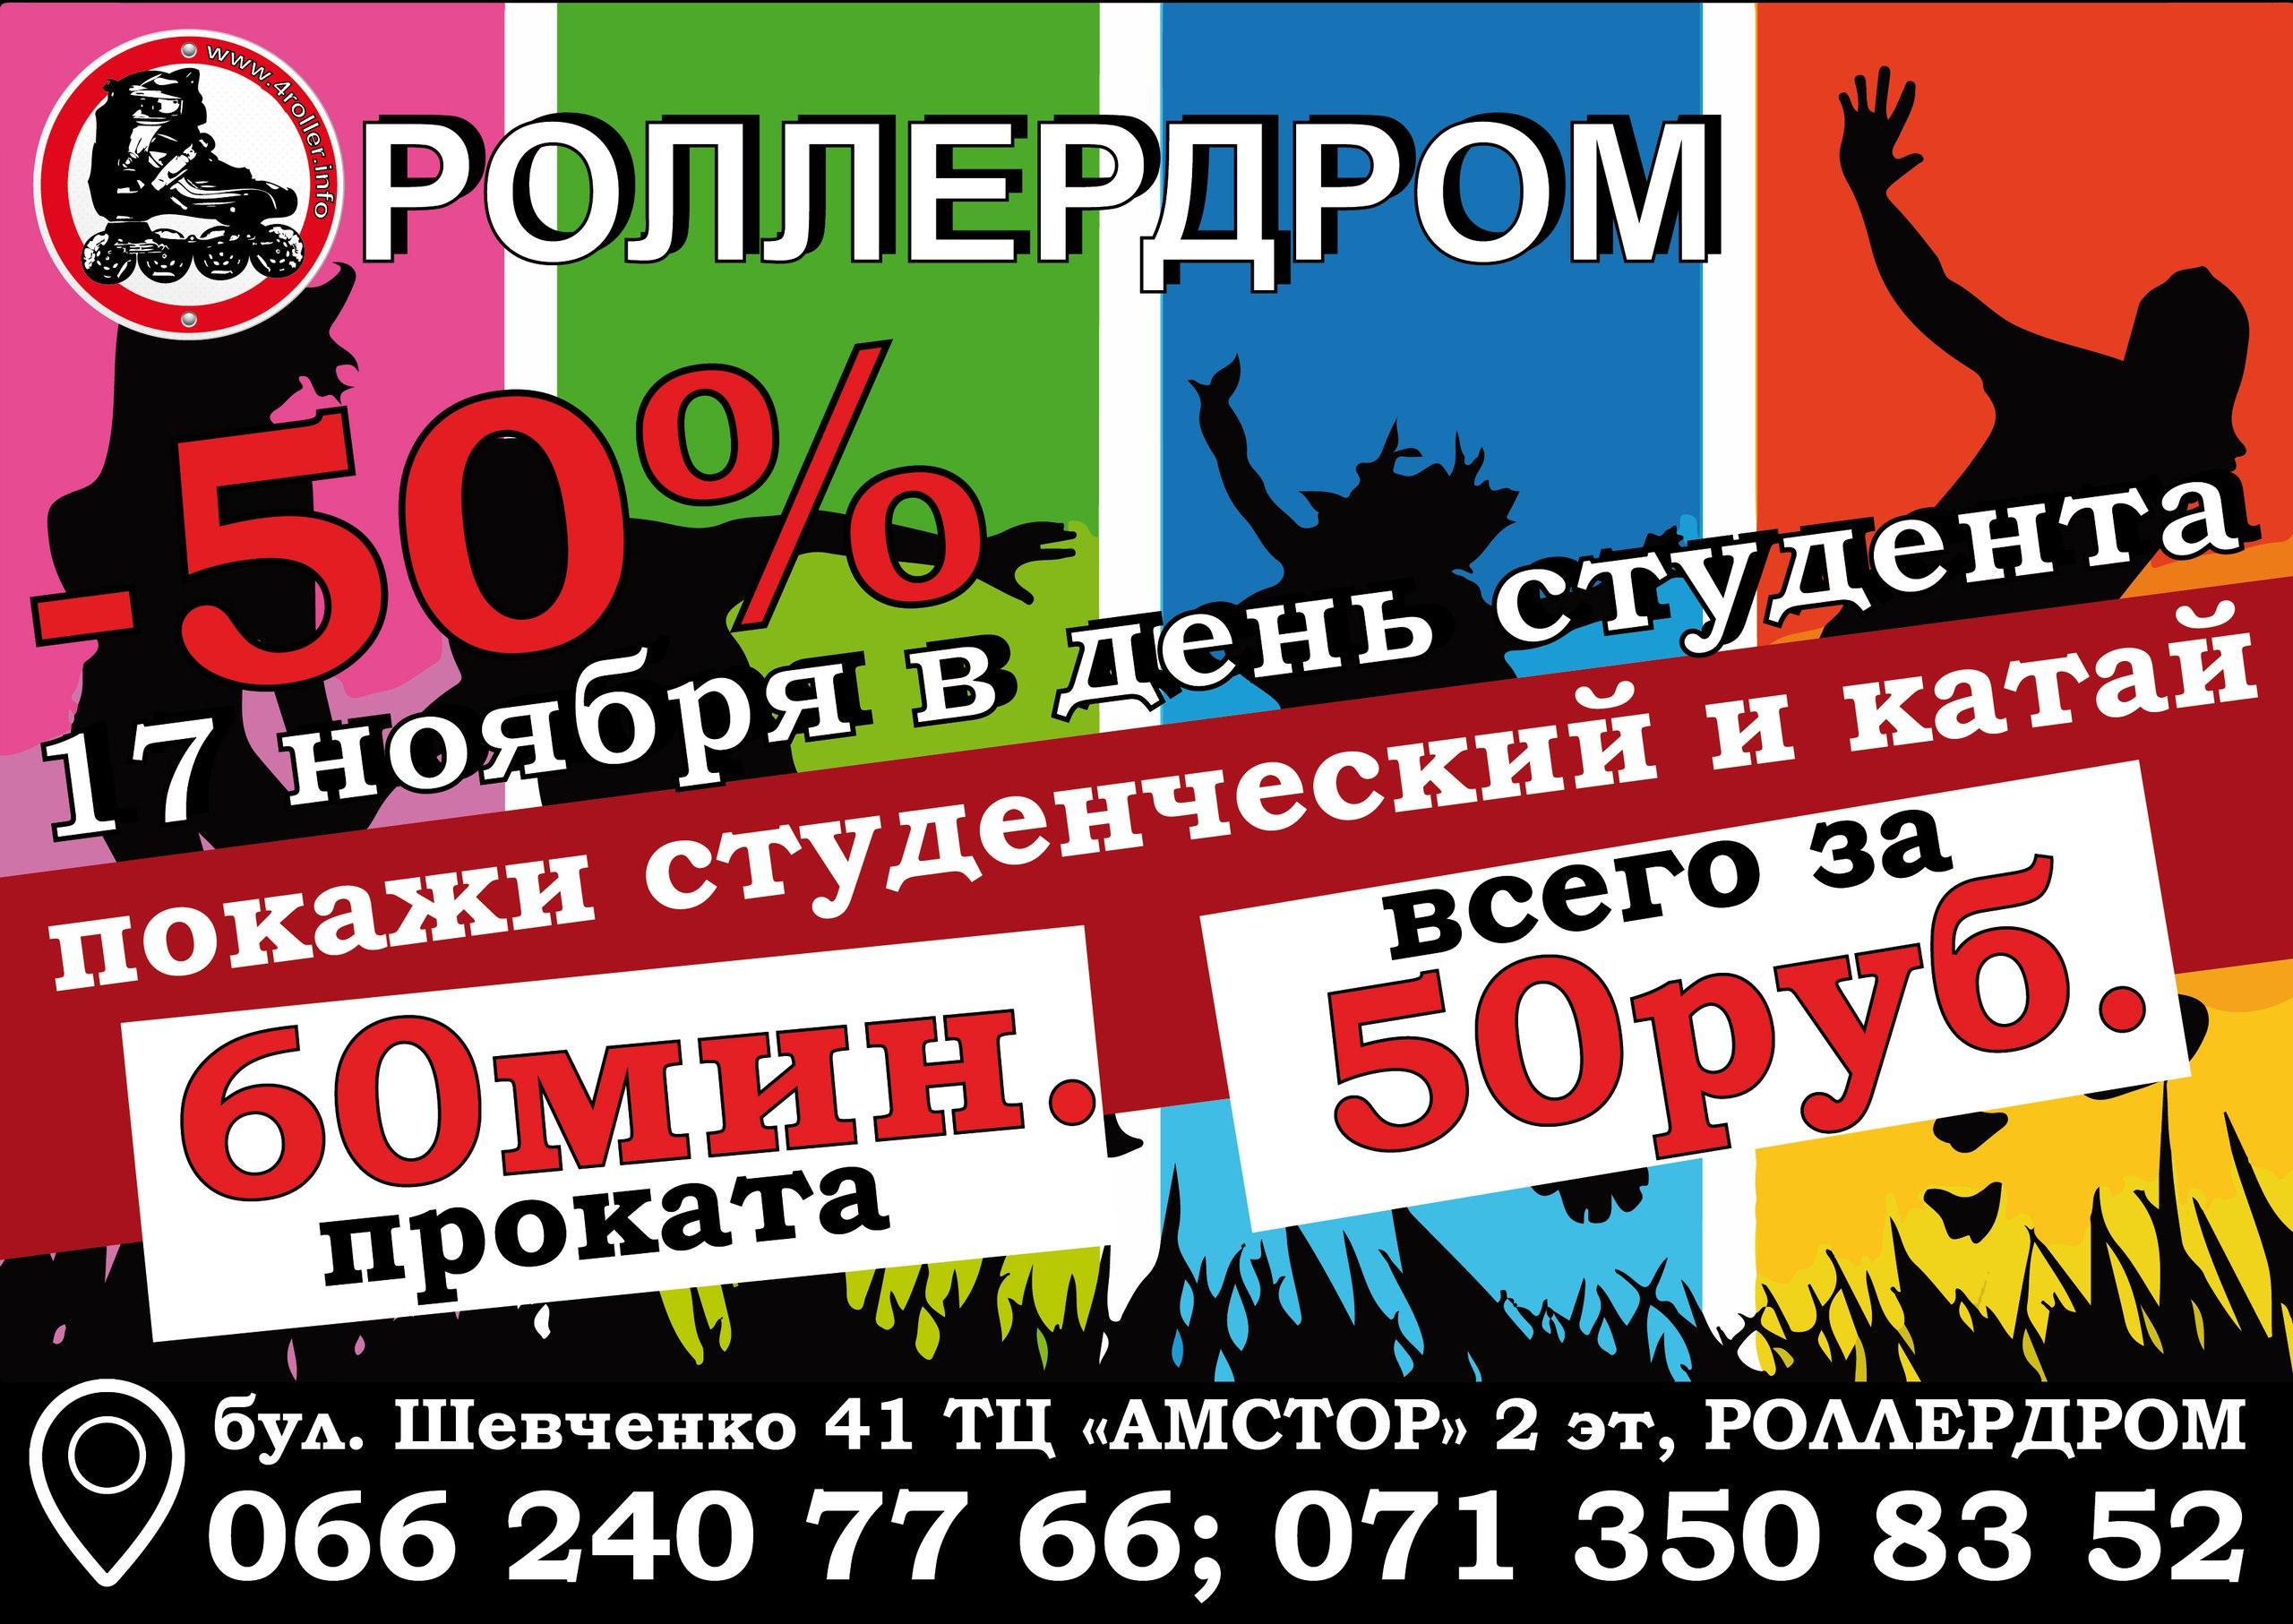 ВСЕ СТУДЕНТЫ НА РОЛИКИ!!!